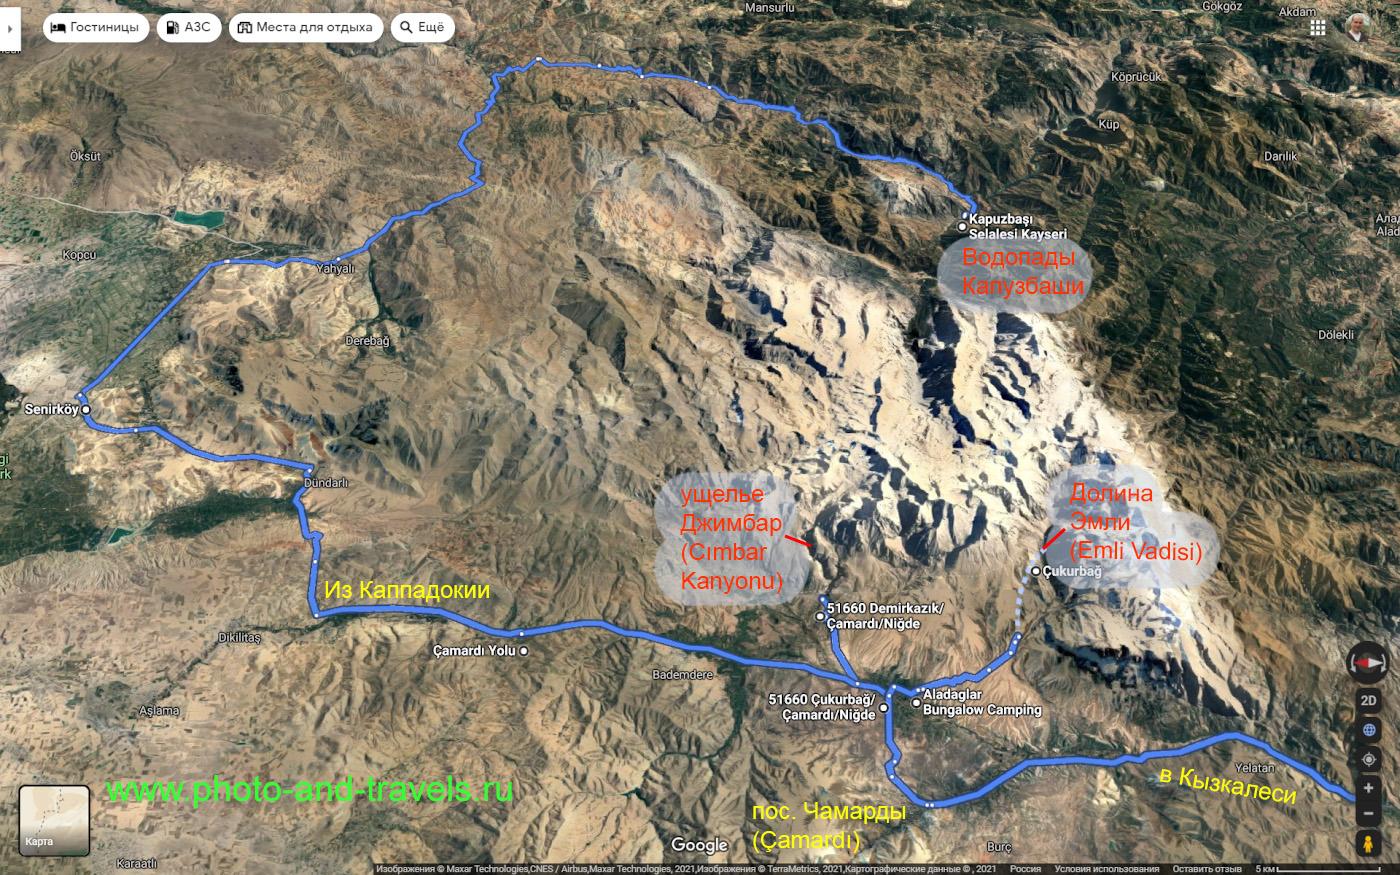 37. Карта со схемой маршрутов проезда к водопадам Капузбашы (Kapuzbaşı Şelalesi) в горах Аладаглар. Какие интересные места можно увидеть по пути в Каппадокию.